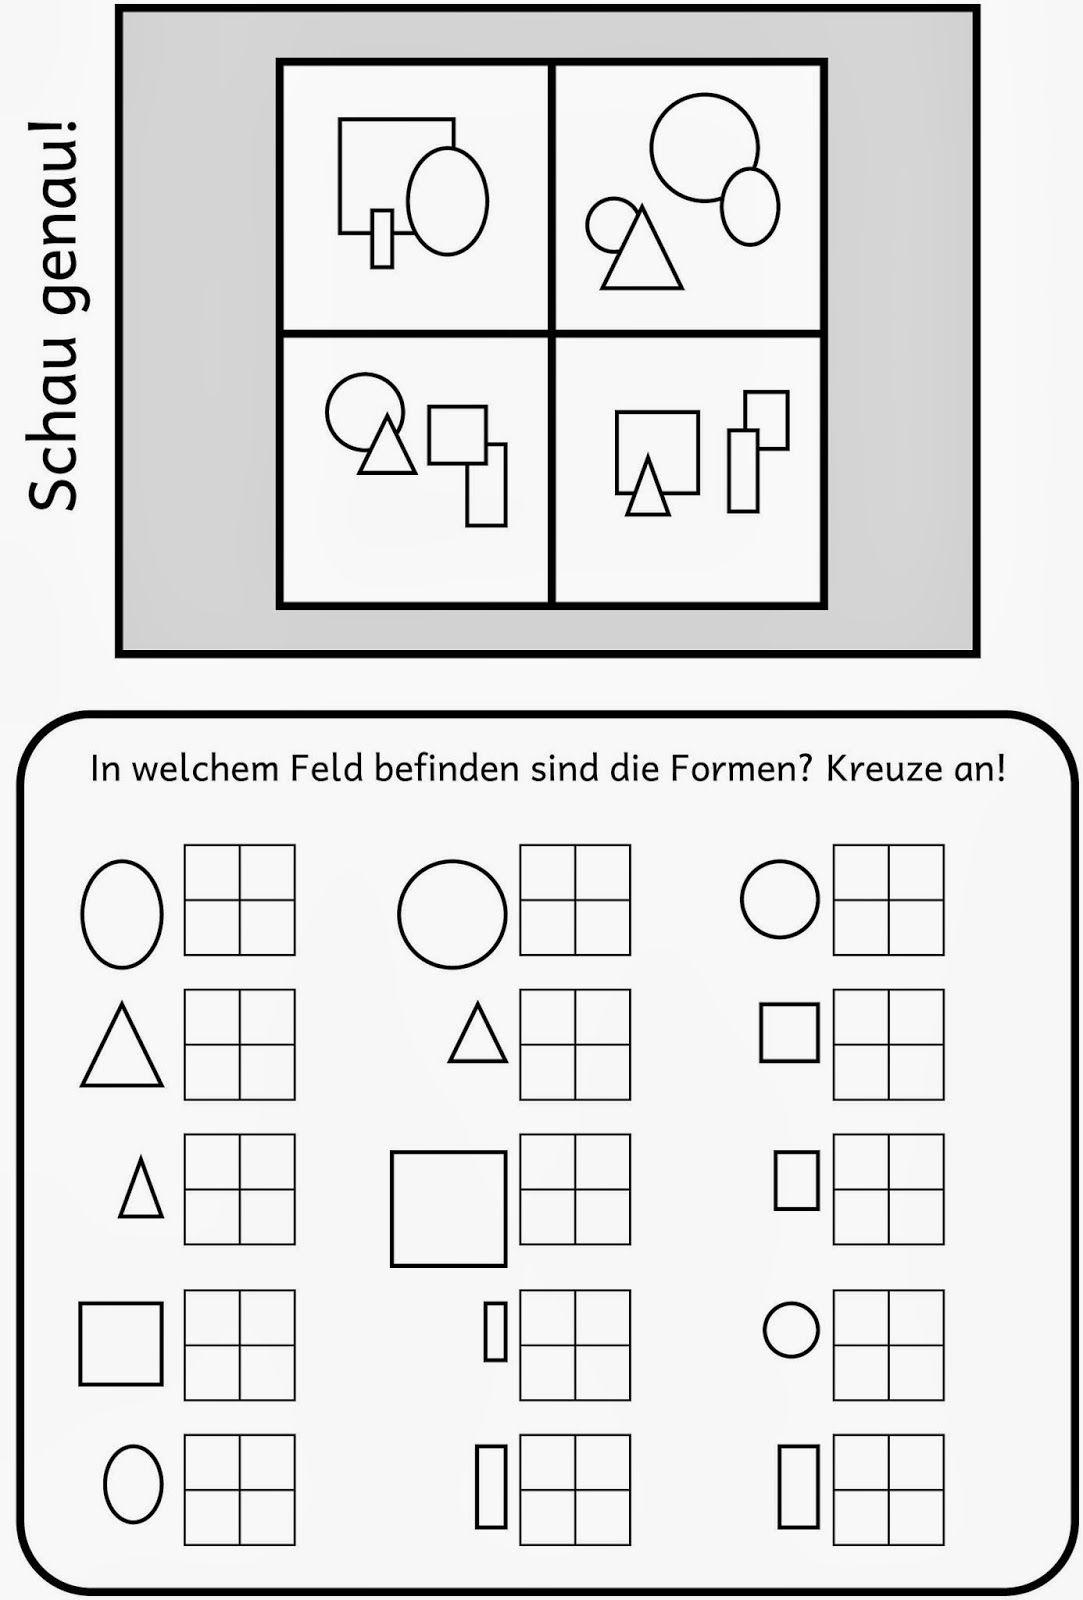 raum lagebeziehung 4 arbeitsbl tter arbeitsbl tter vorschule ergotherapie und vorschule. Black Bedroom Furniture Sets. Home Design Ideas